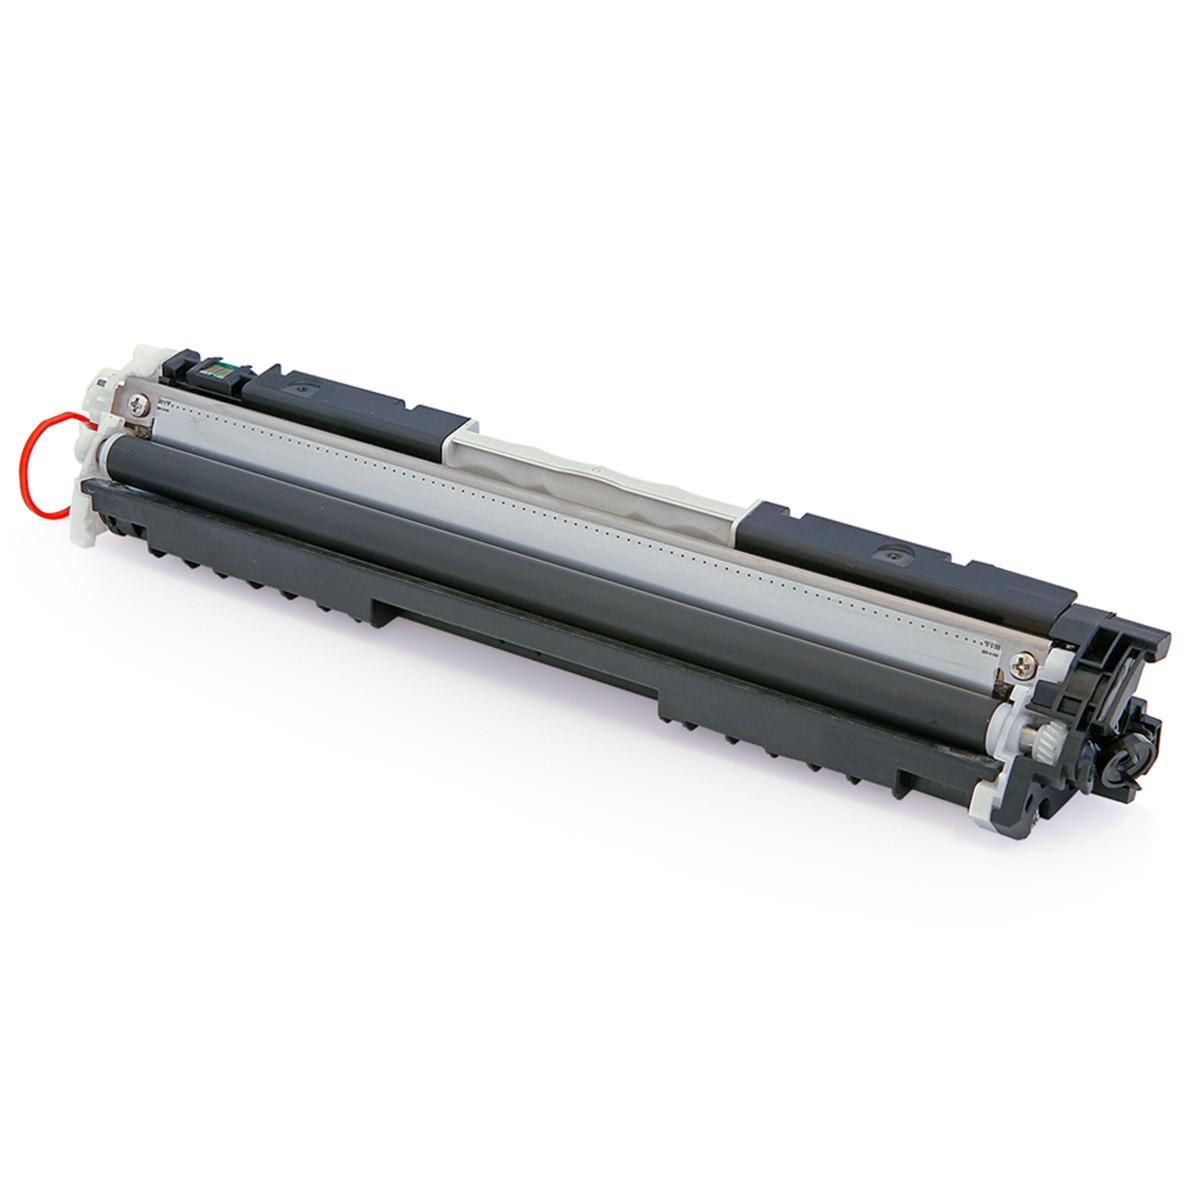 Toner Compatível com HP CF351A Universal 351A 130A Ciano | M176 M177 M176N M177FW | Premium